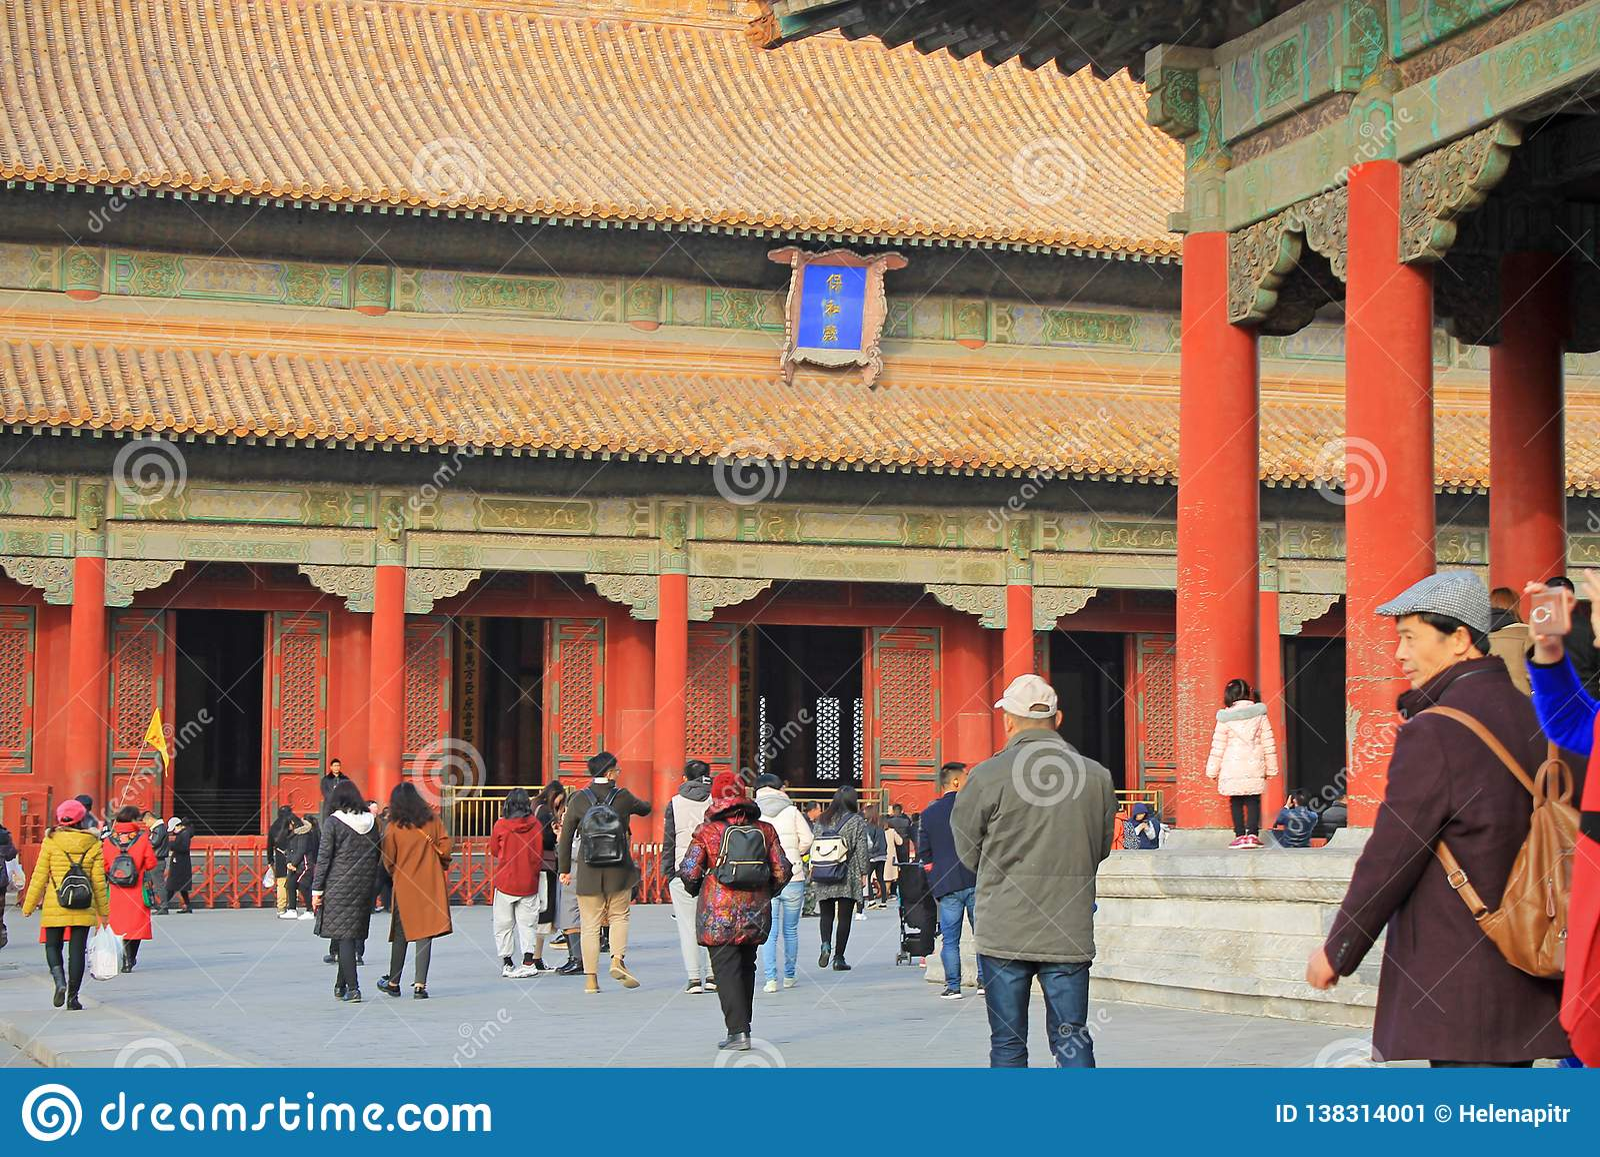 Red pillars of Forbidden city